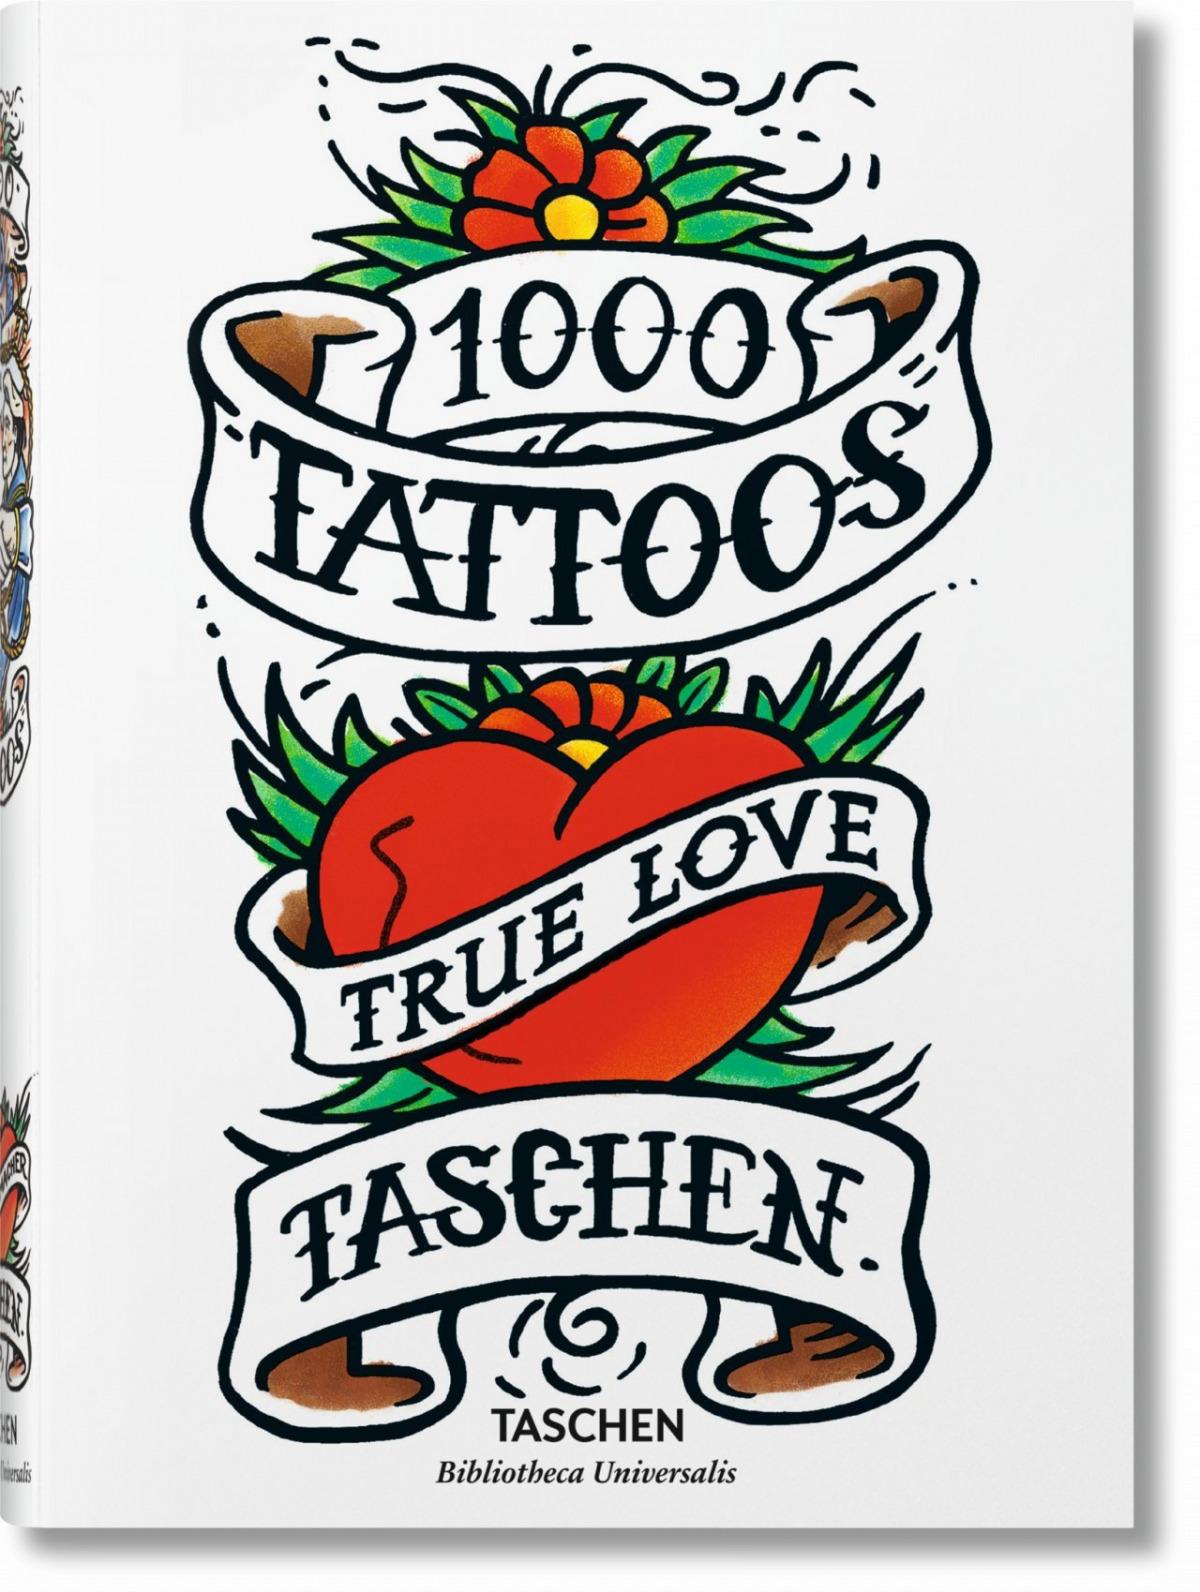 1000 tattoos true love